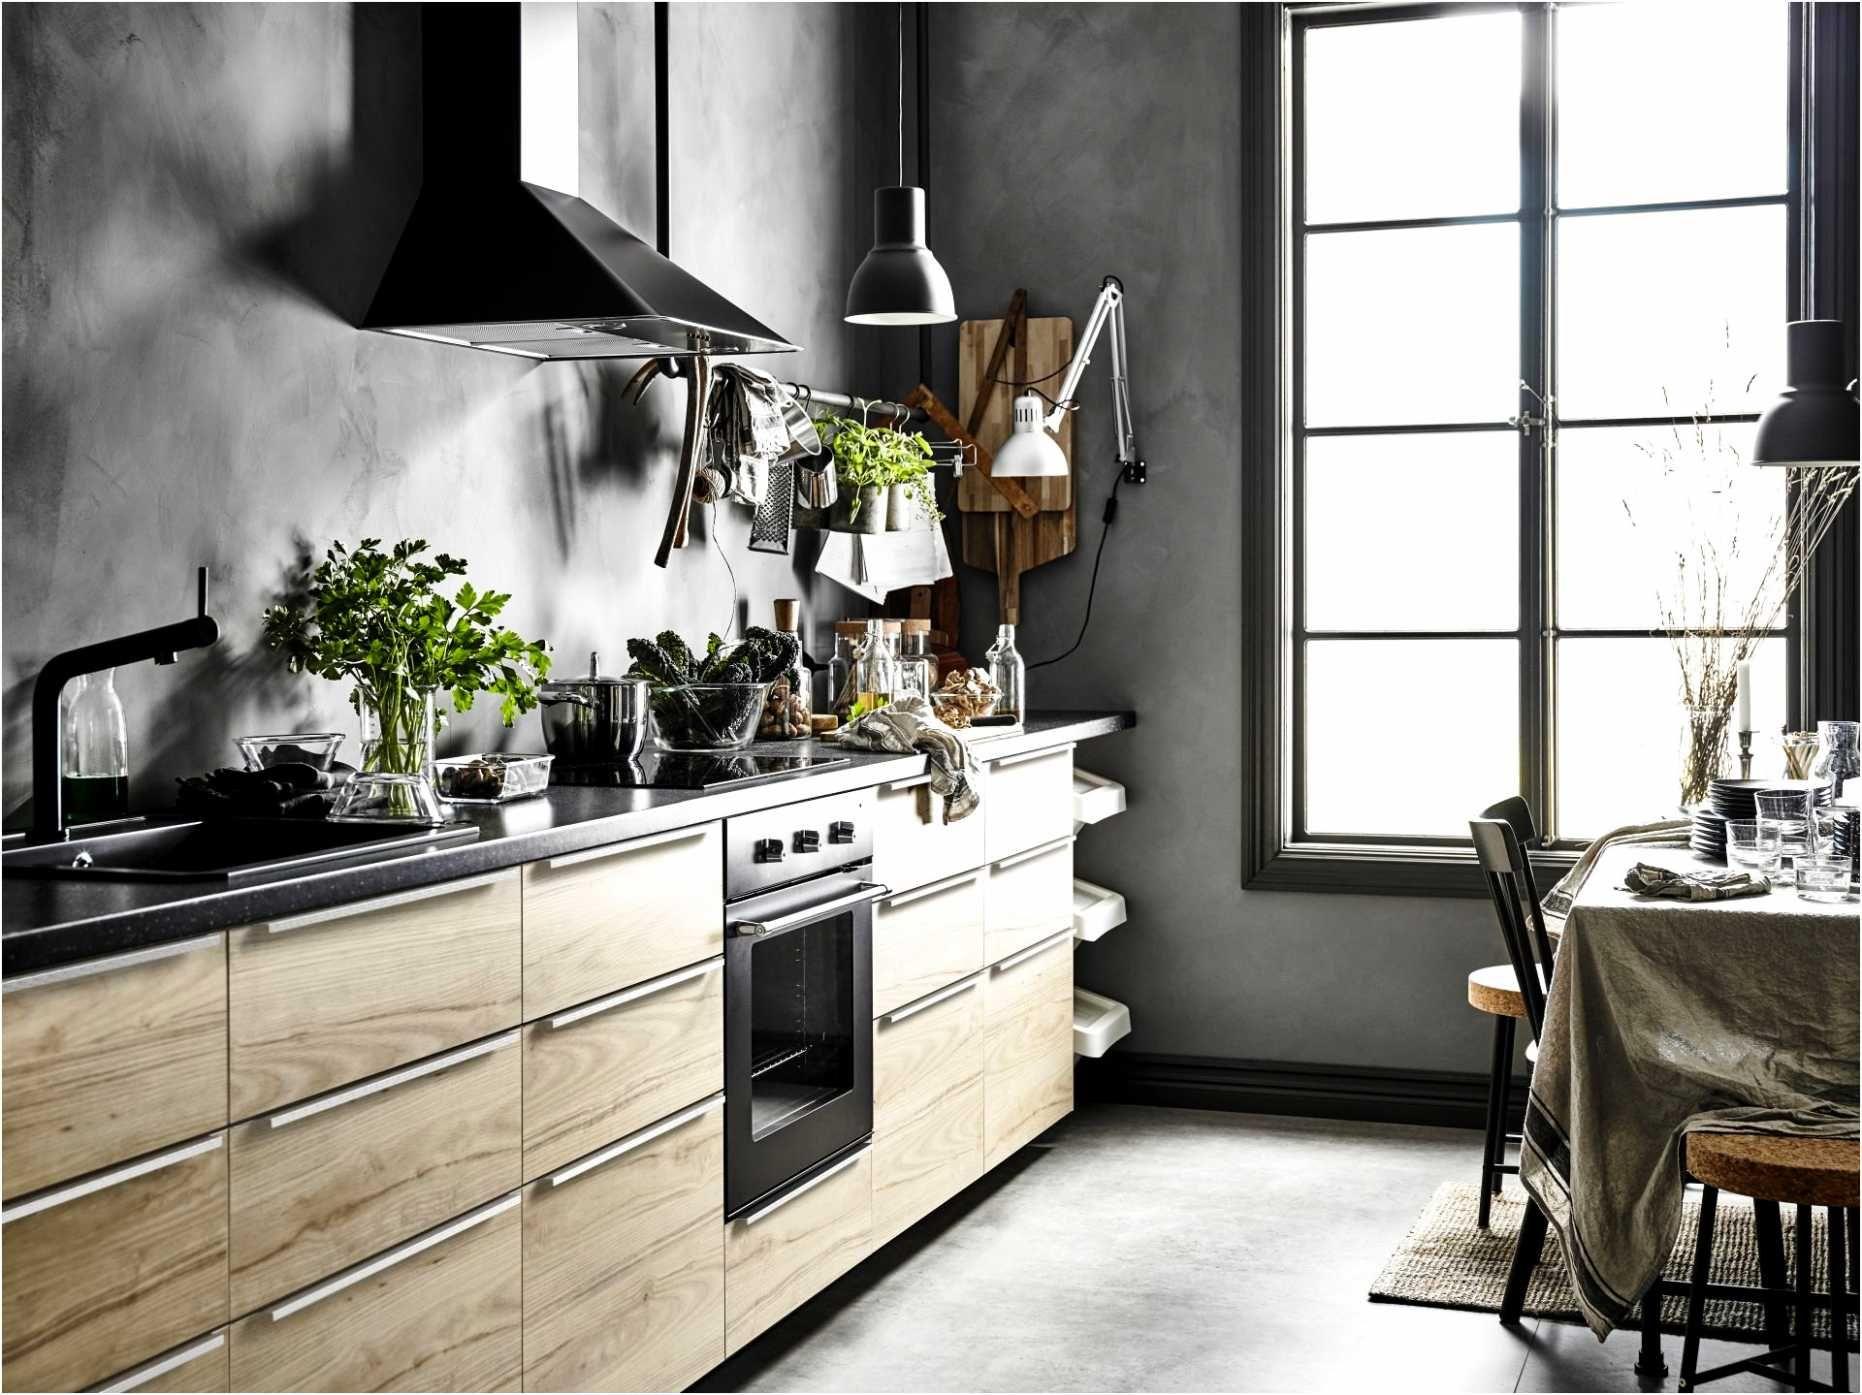 Ikea keuken plinten monteren #ikeakeukenplintenmonteren home